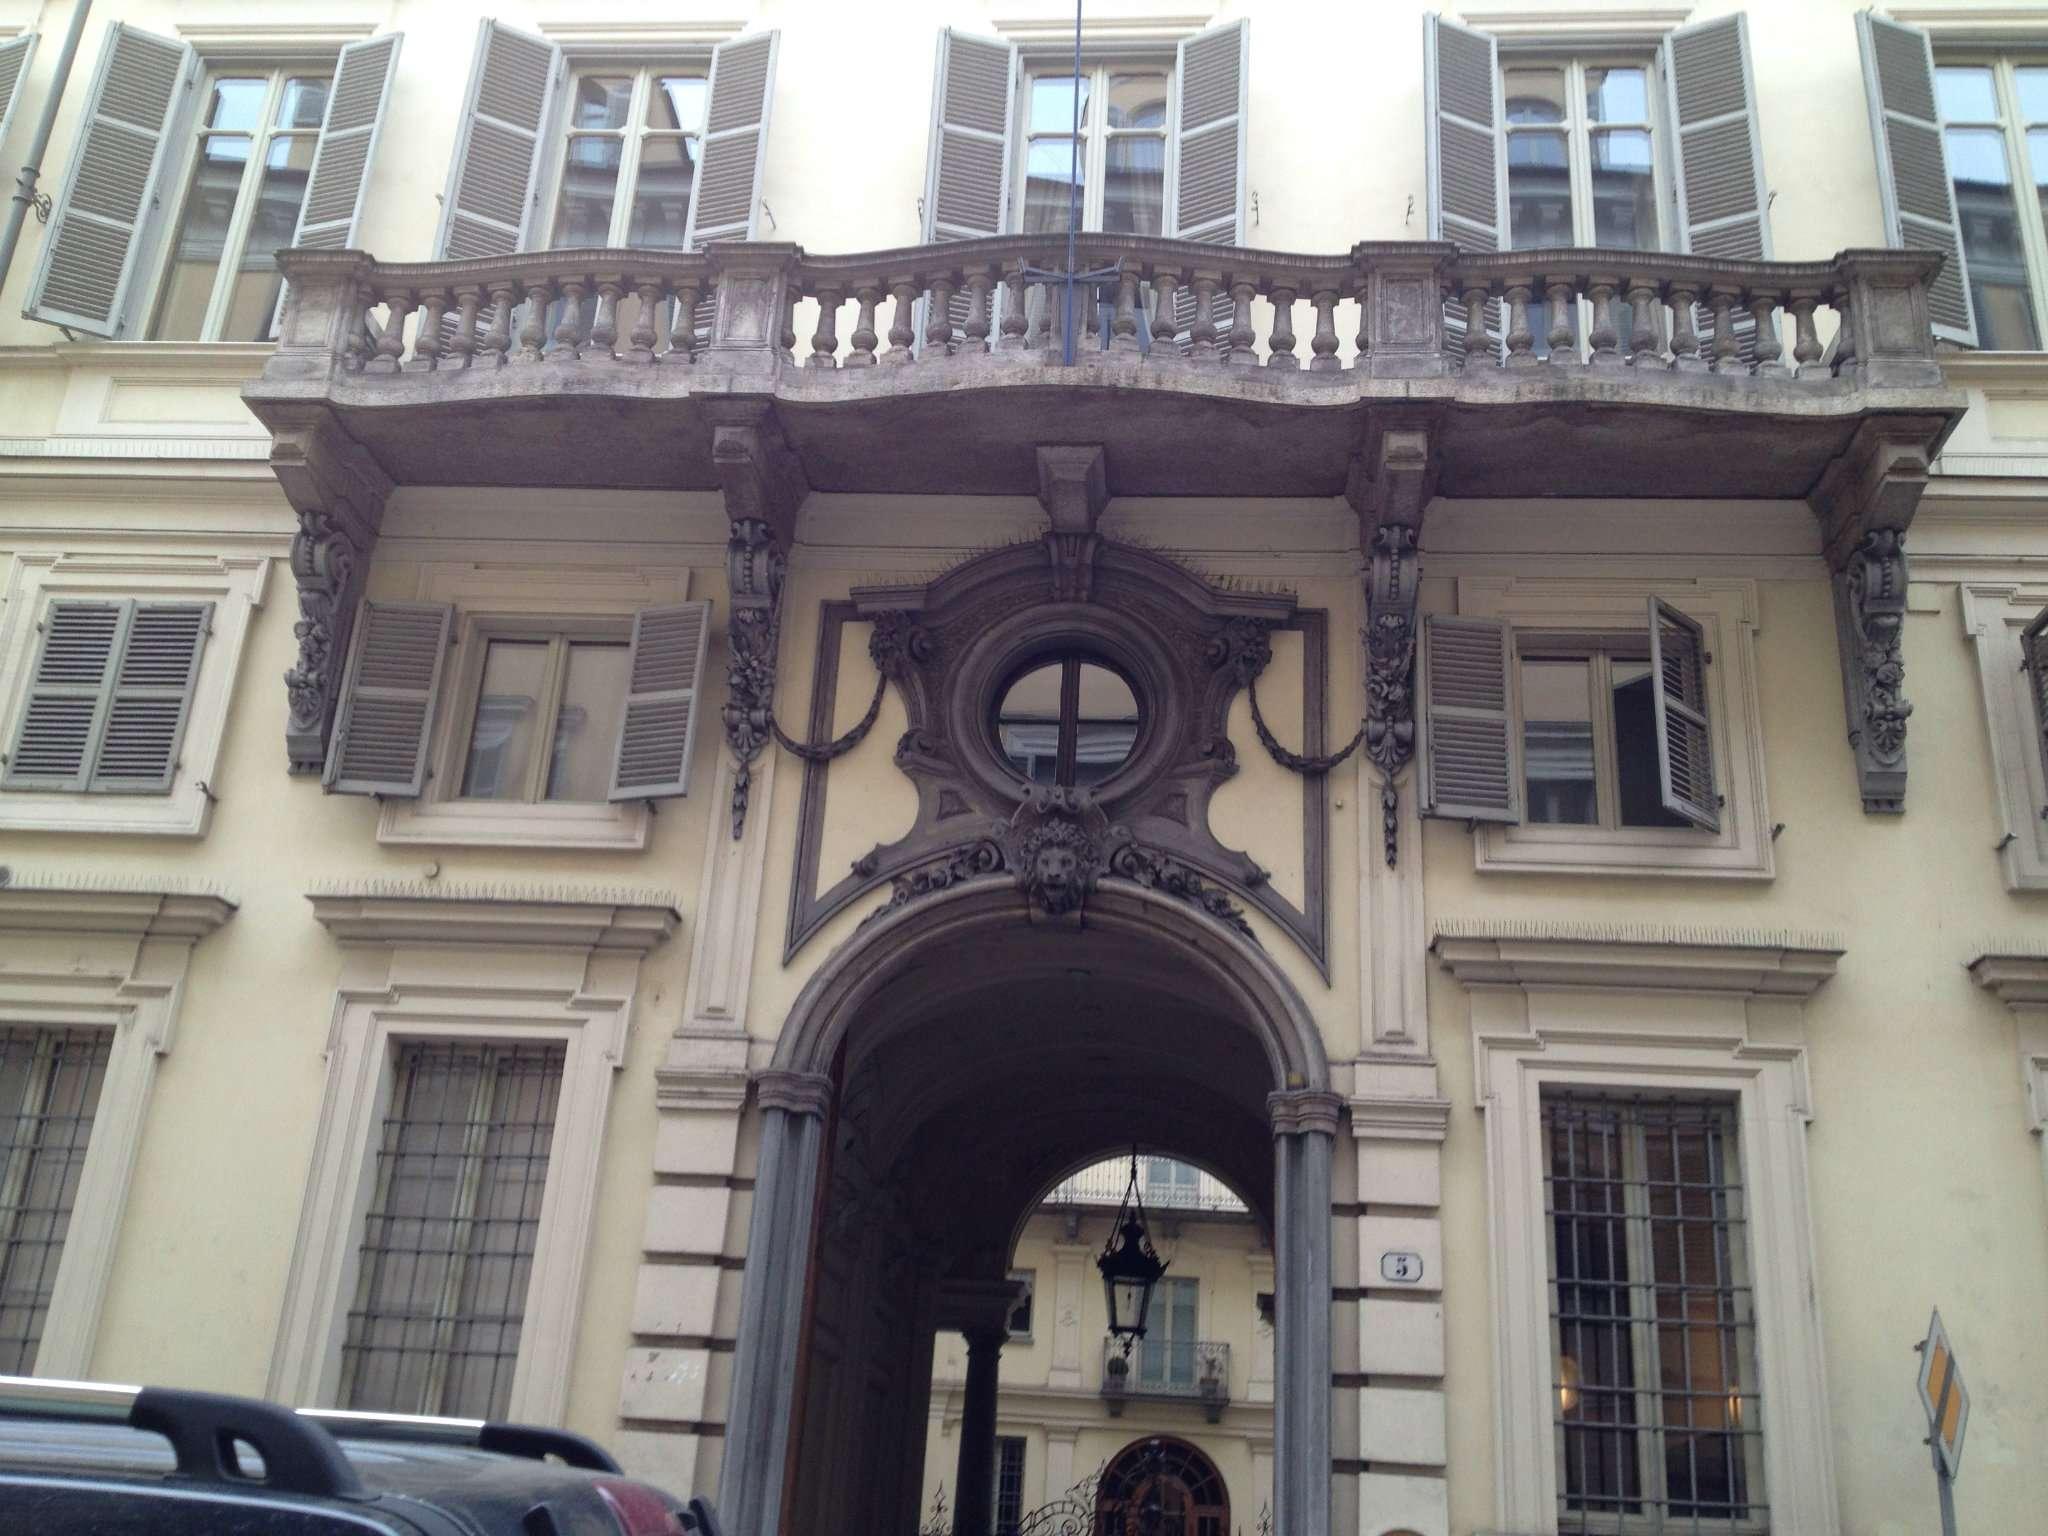 Appartamento in vendita a Torino, 3 locali, zona Zona: 1 . Centro, Quadrilatero Romano, Repubblica, Giardini Reali, prezzo € 235.000 | CambioCasa.it